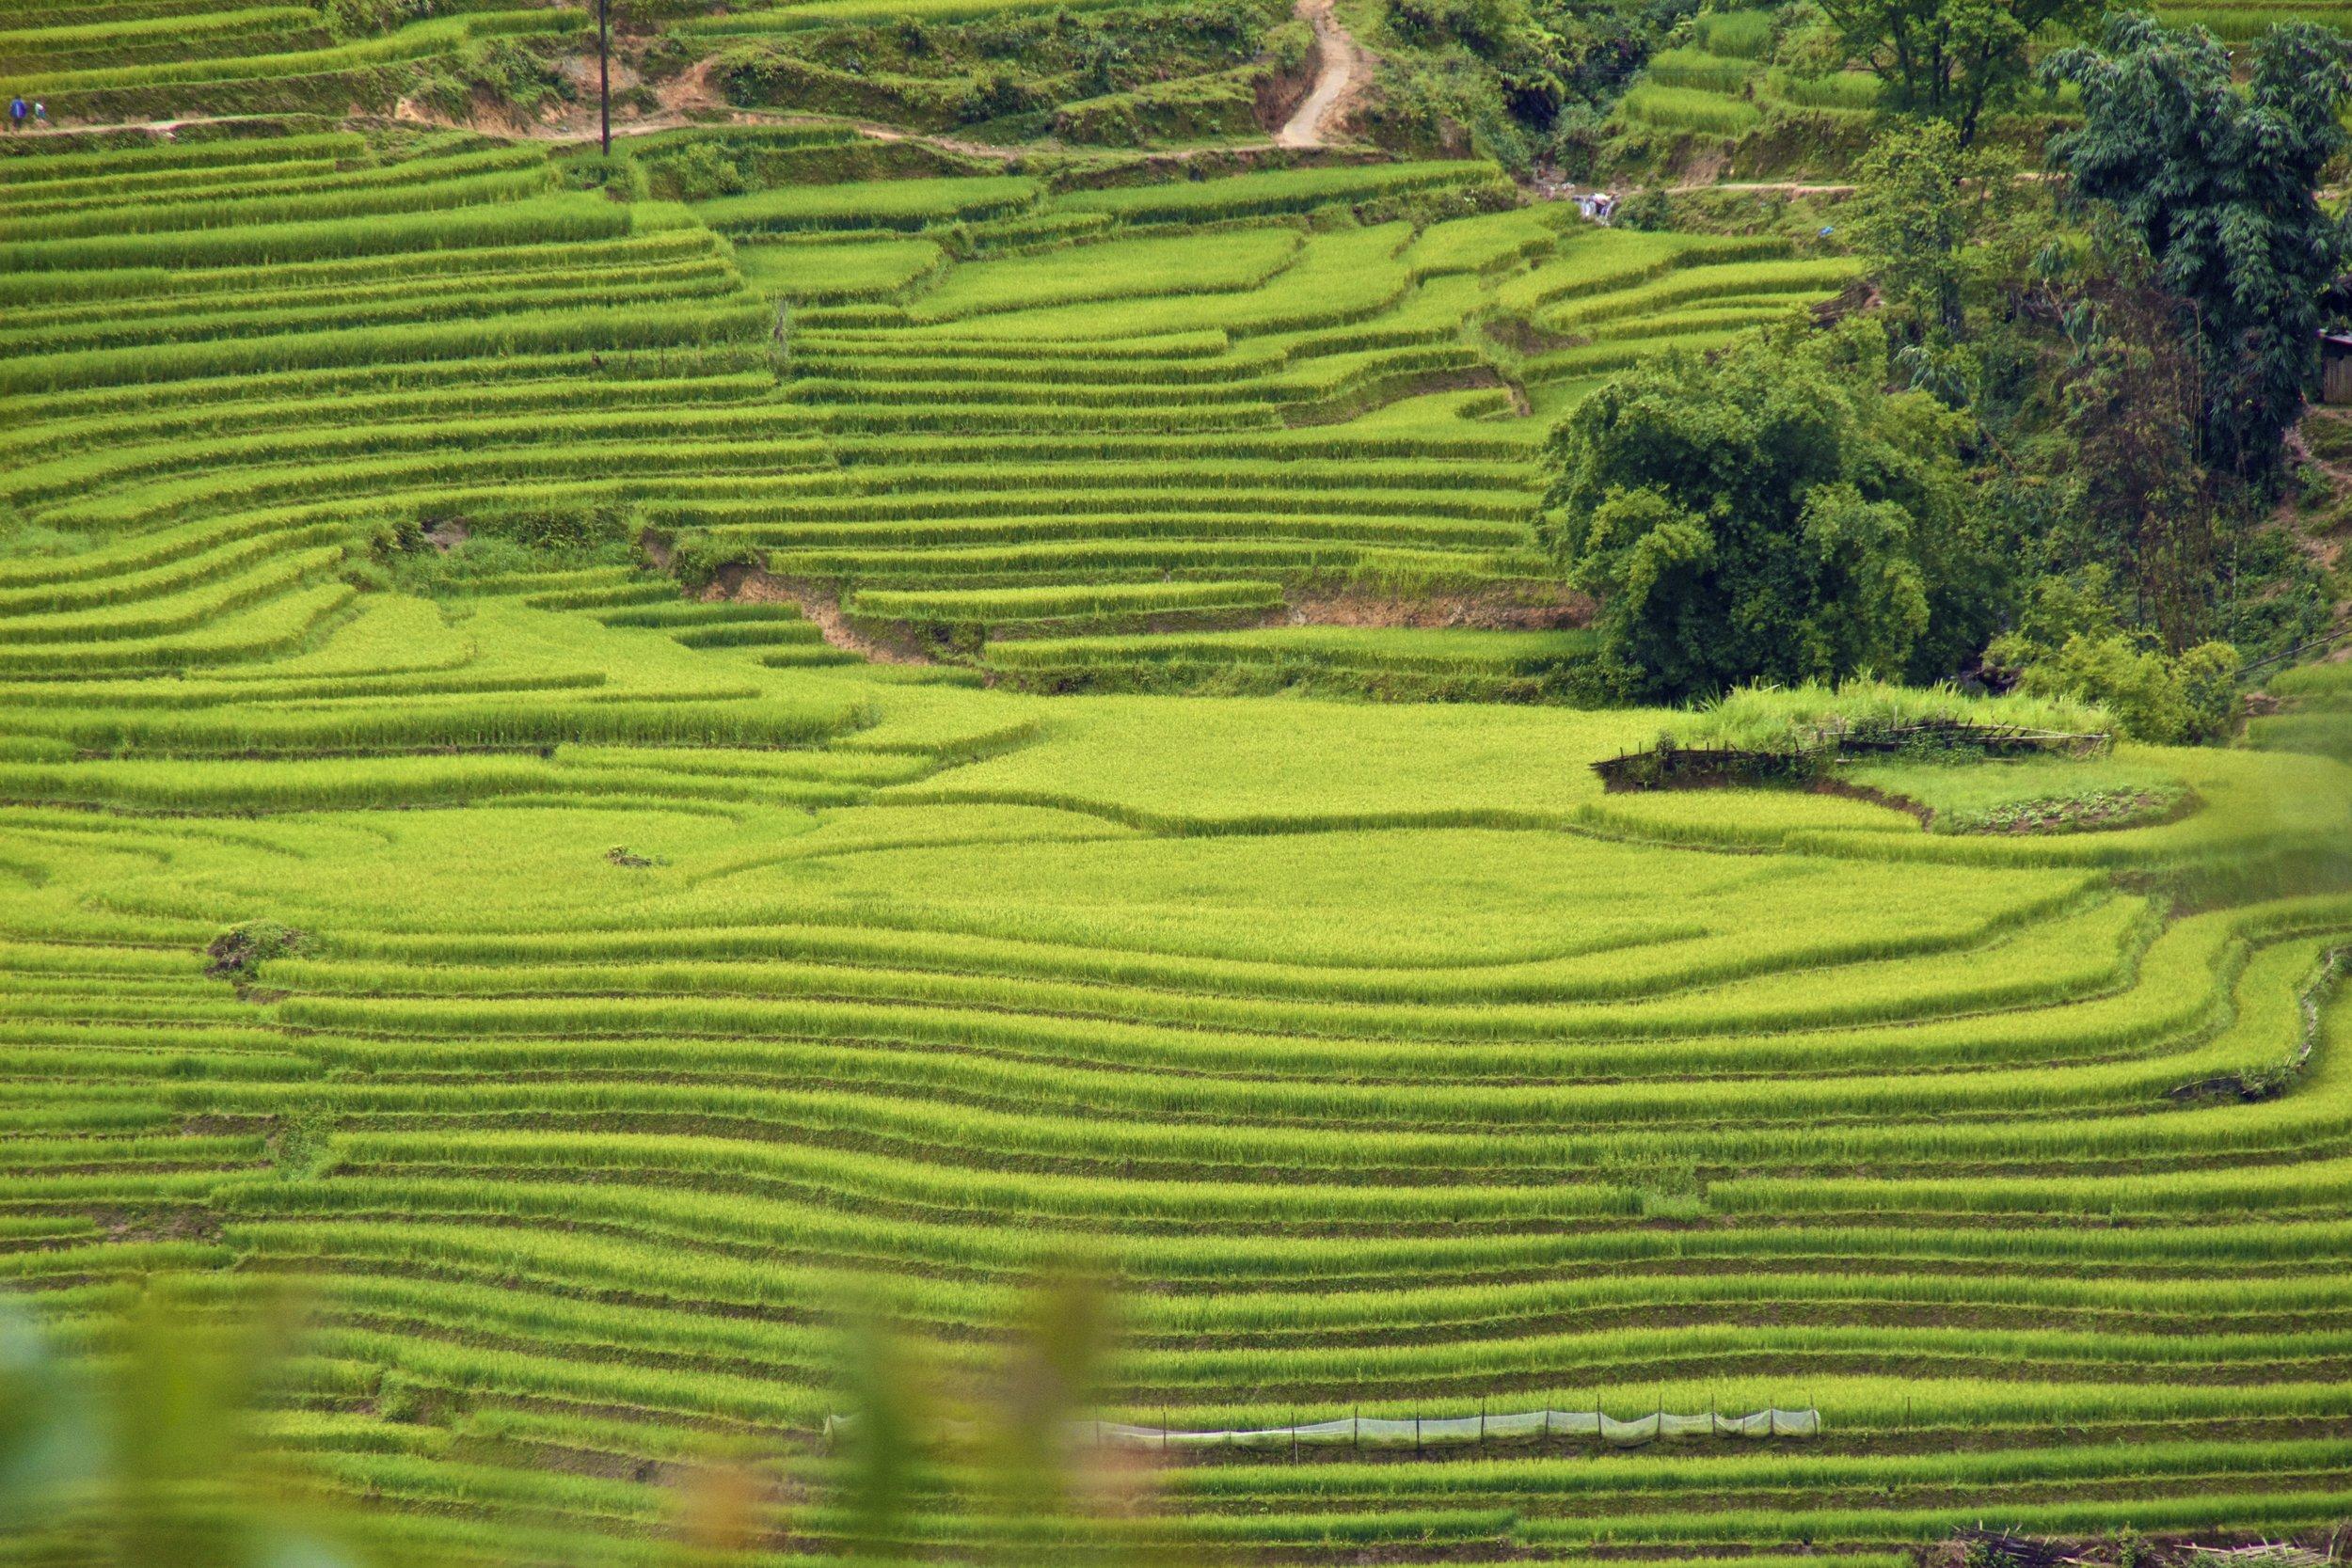 sa pa lao cai vietnam rice paddies 27.jpg